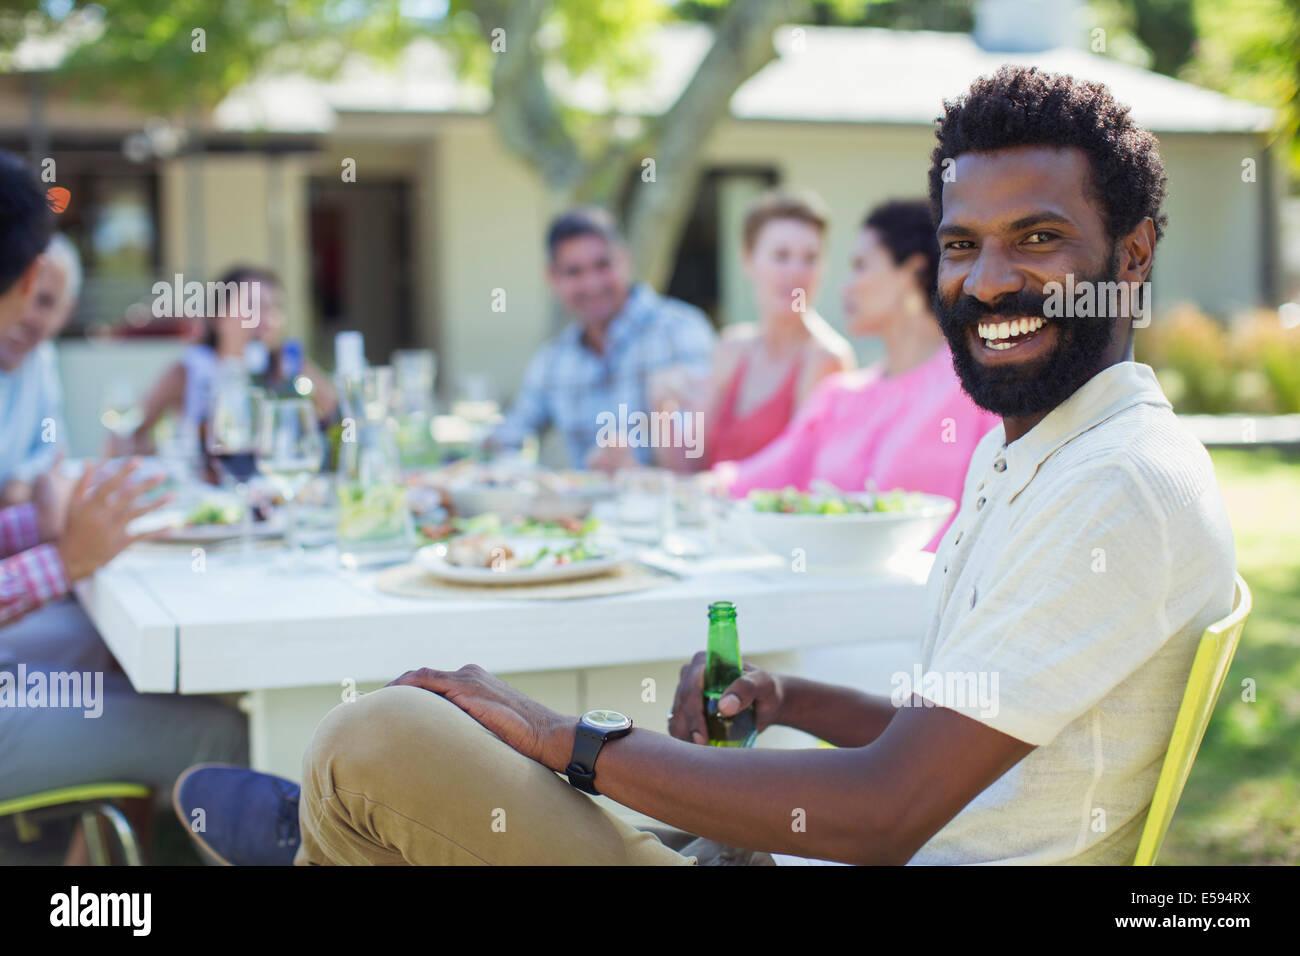 Hombre sonriente en la mesa al aire libre Imagen De Stock